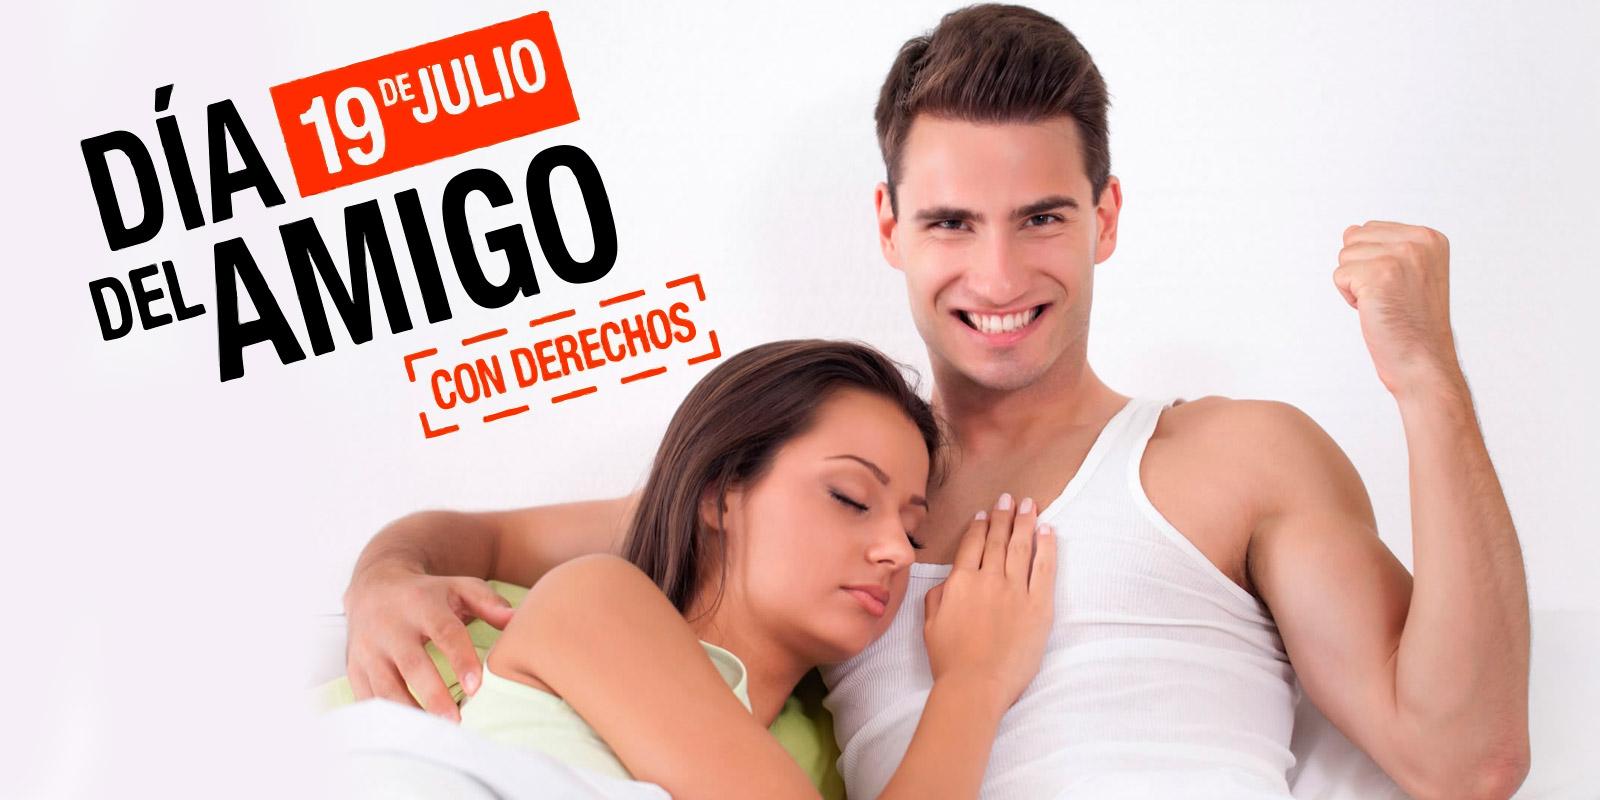 Dia De Los Amigos Con Derechos Tropicalisima 13 50